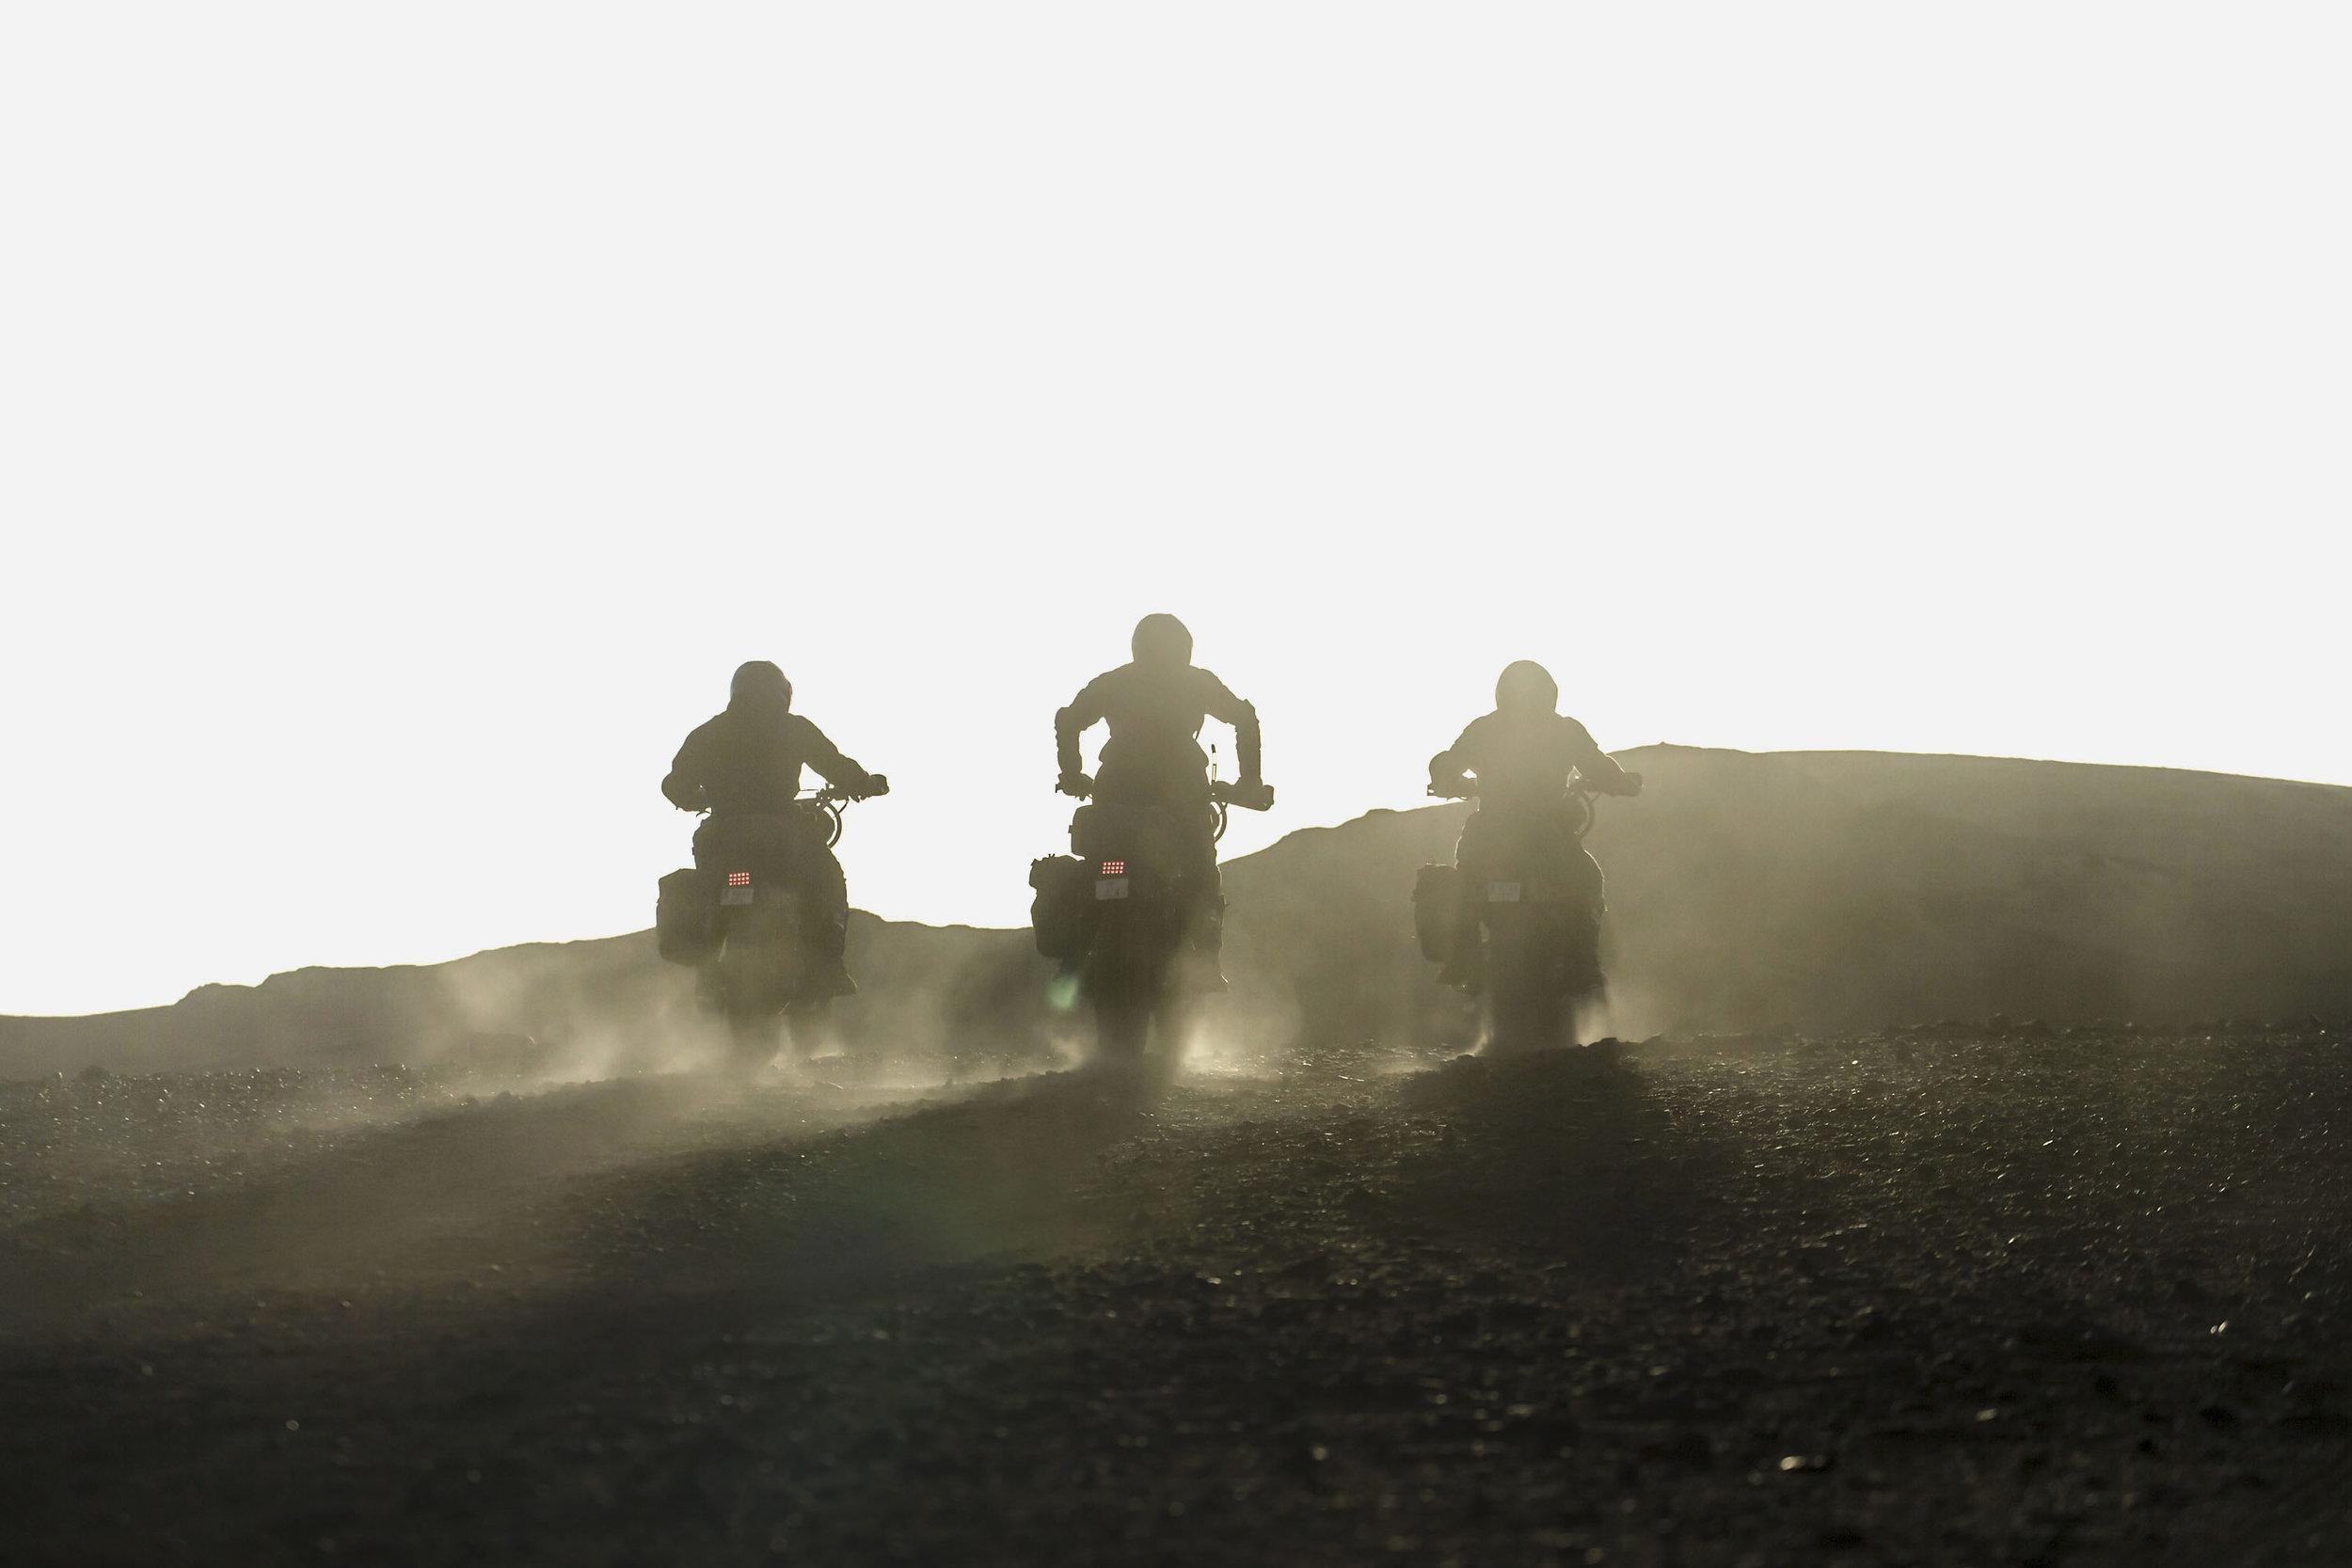 elsolitario-desert-wolves-HD-19.jpg